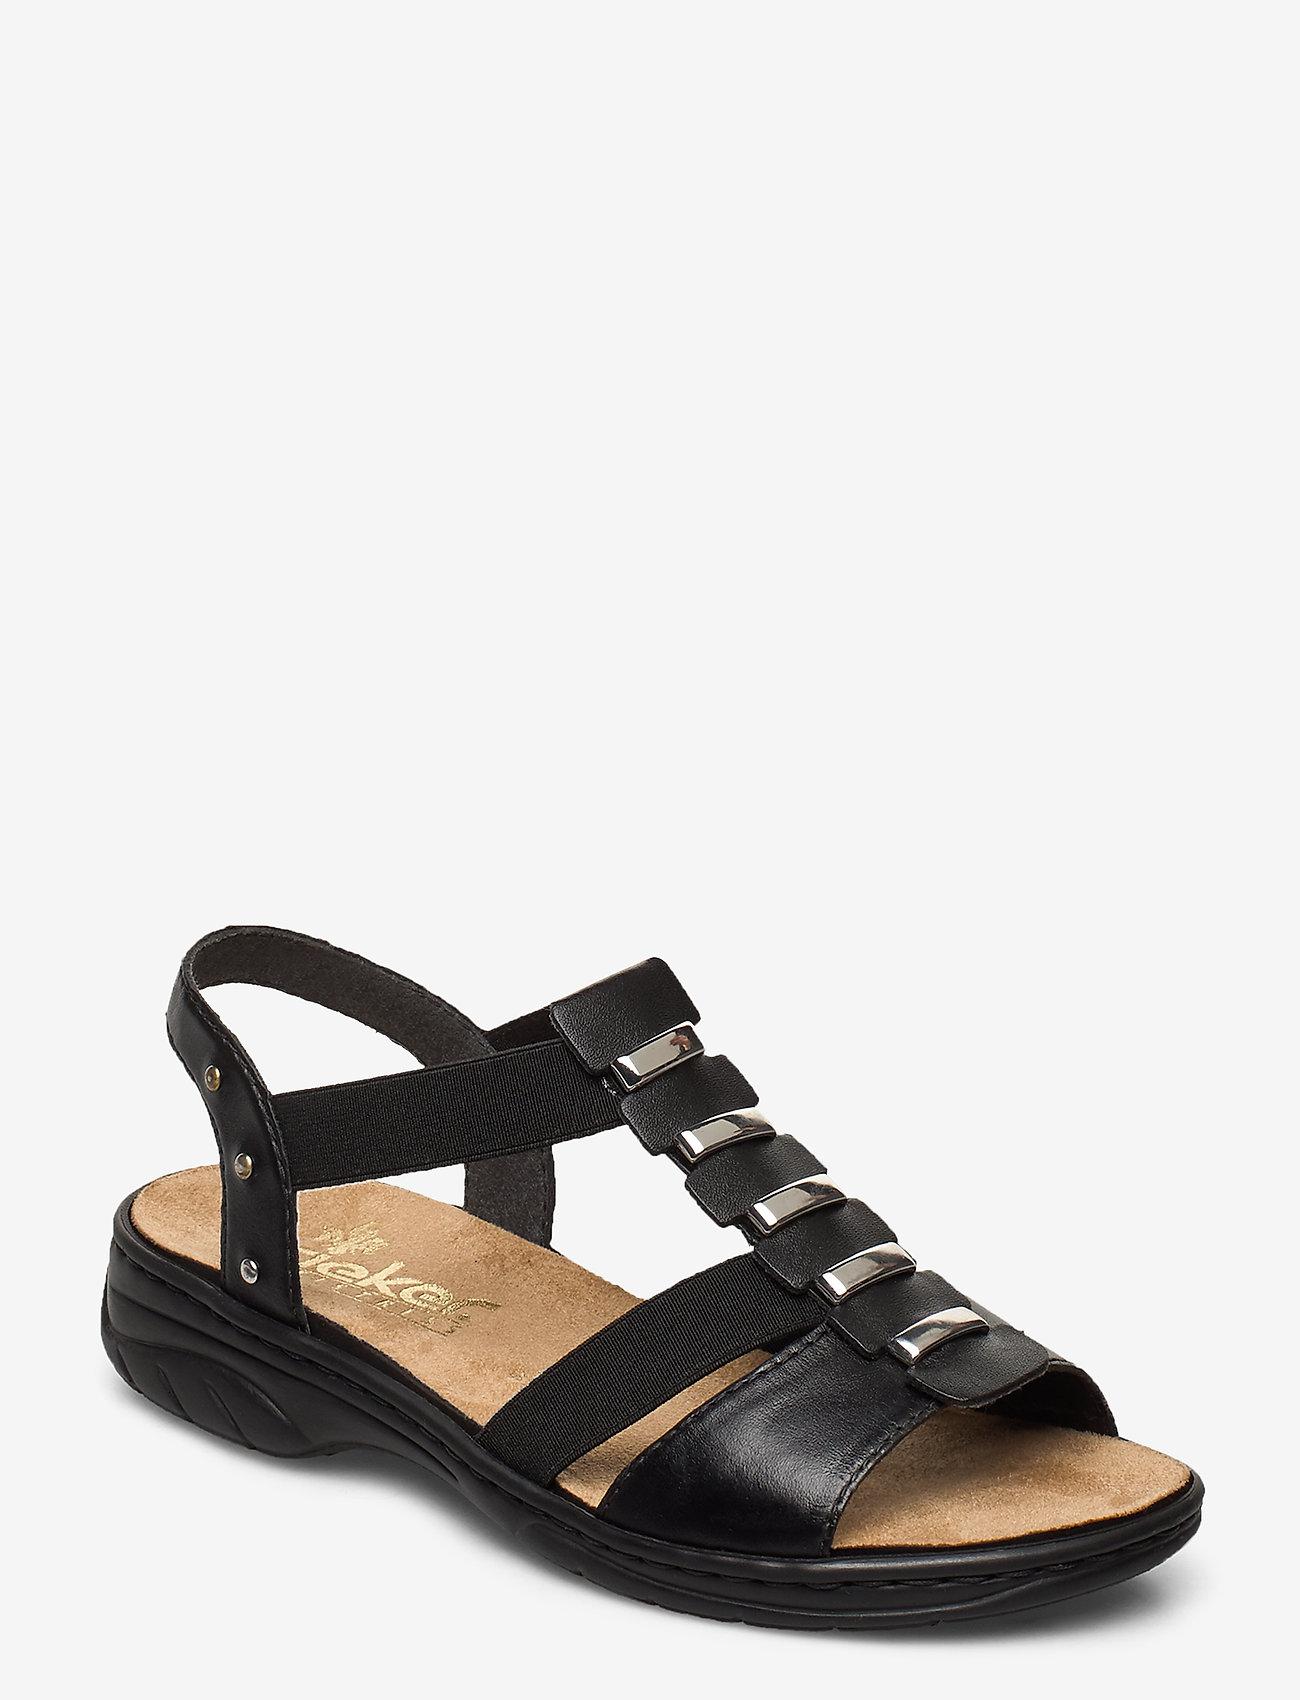 Rieker - 64580-00 - flat sandals - black